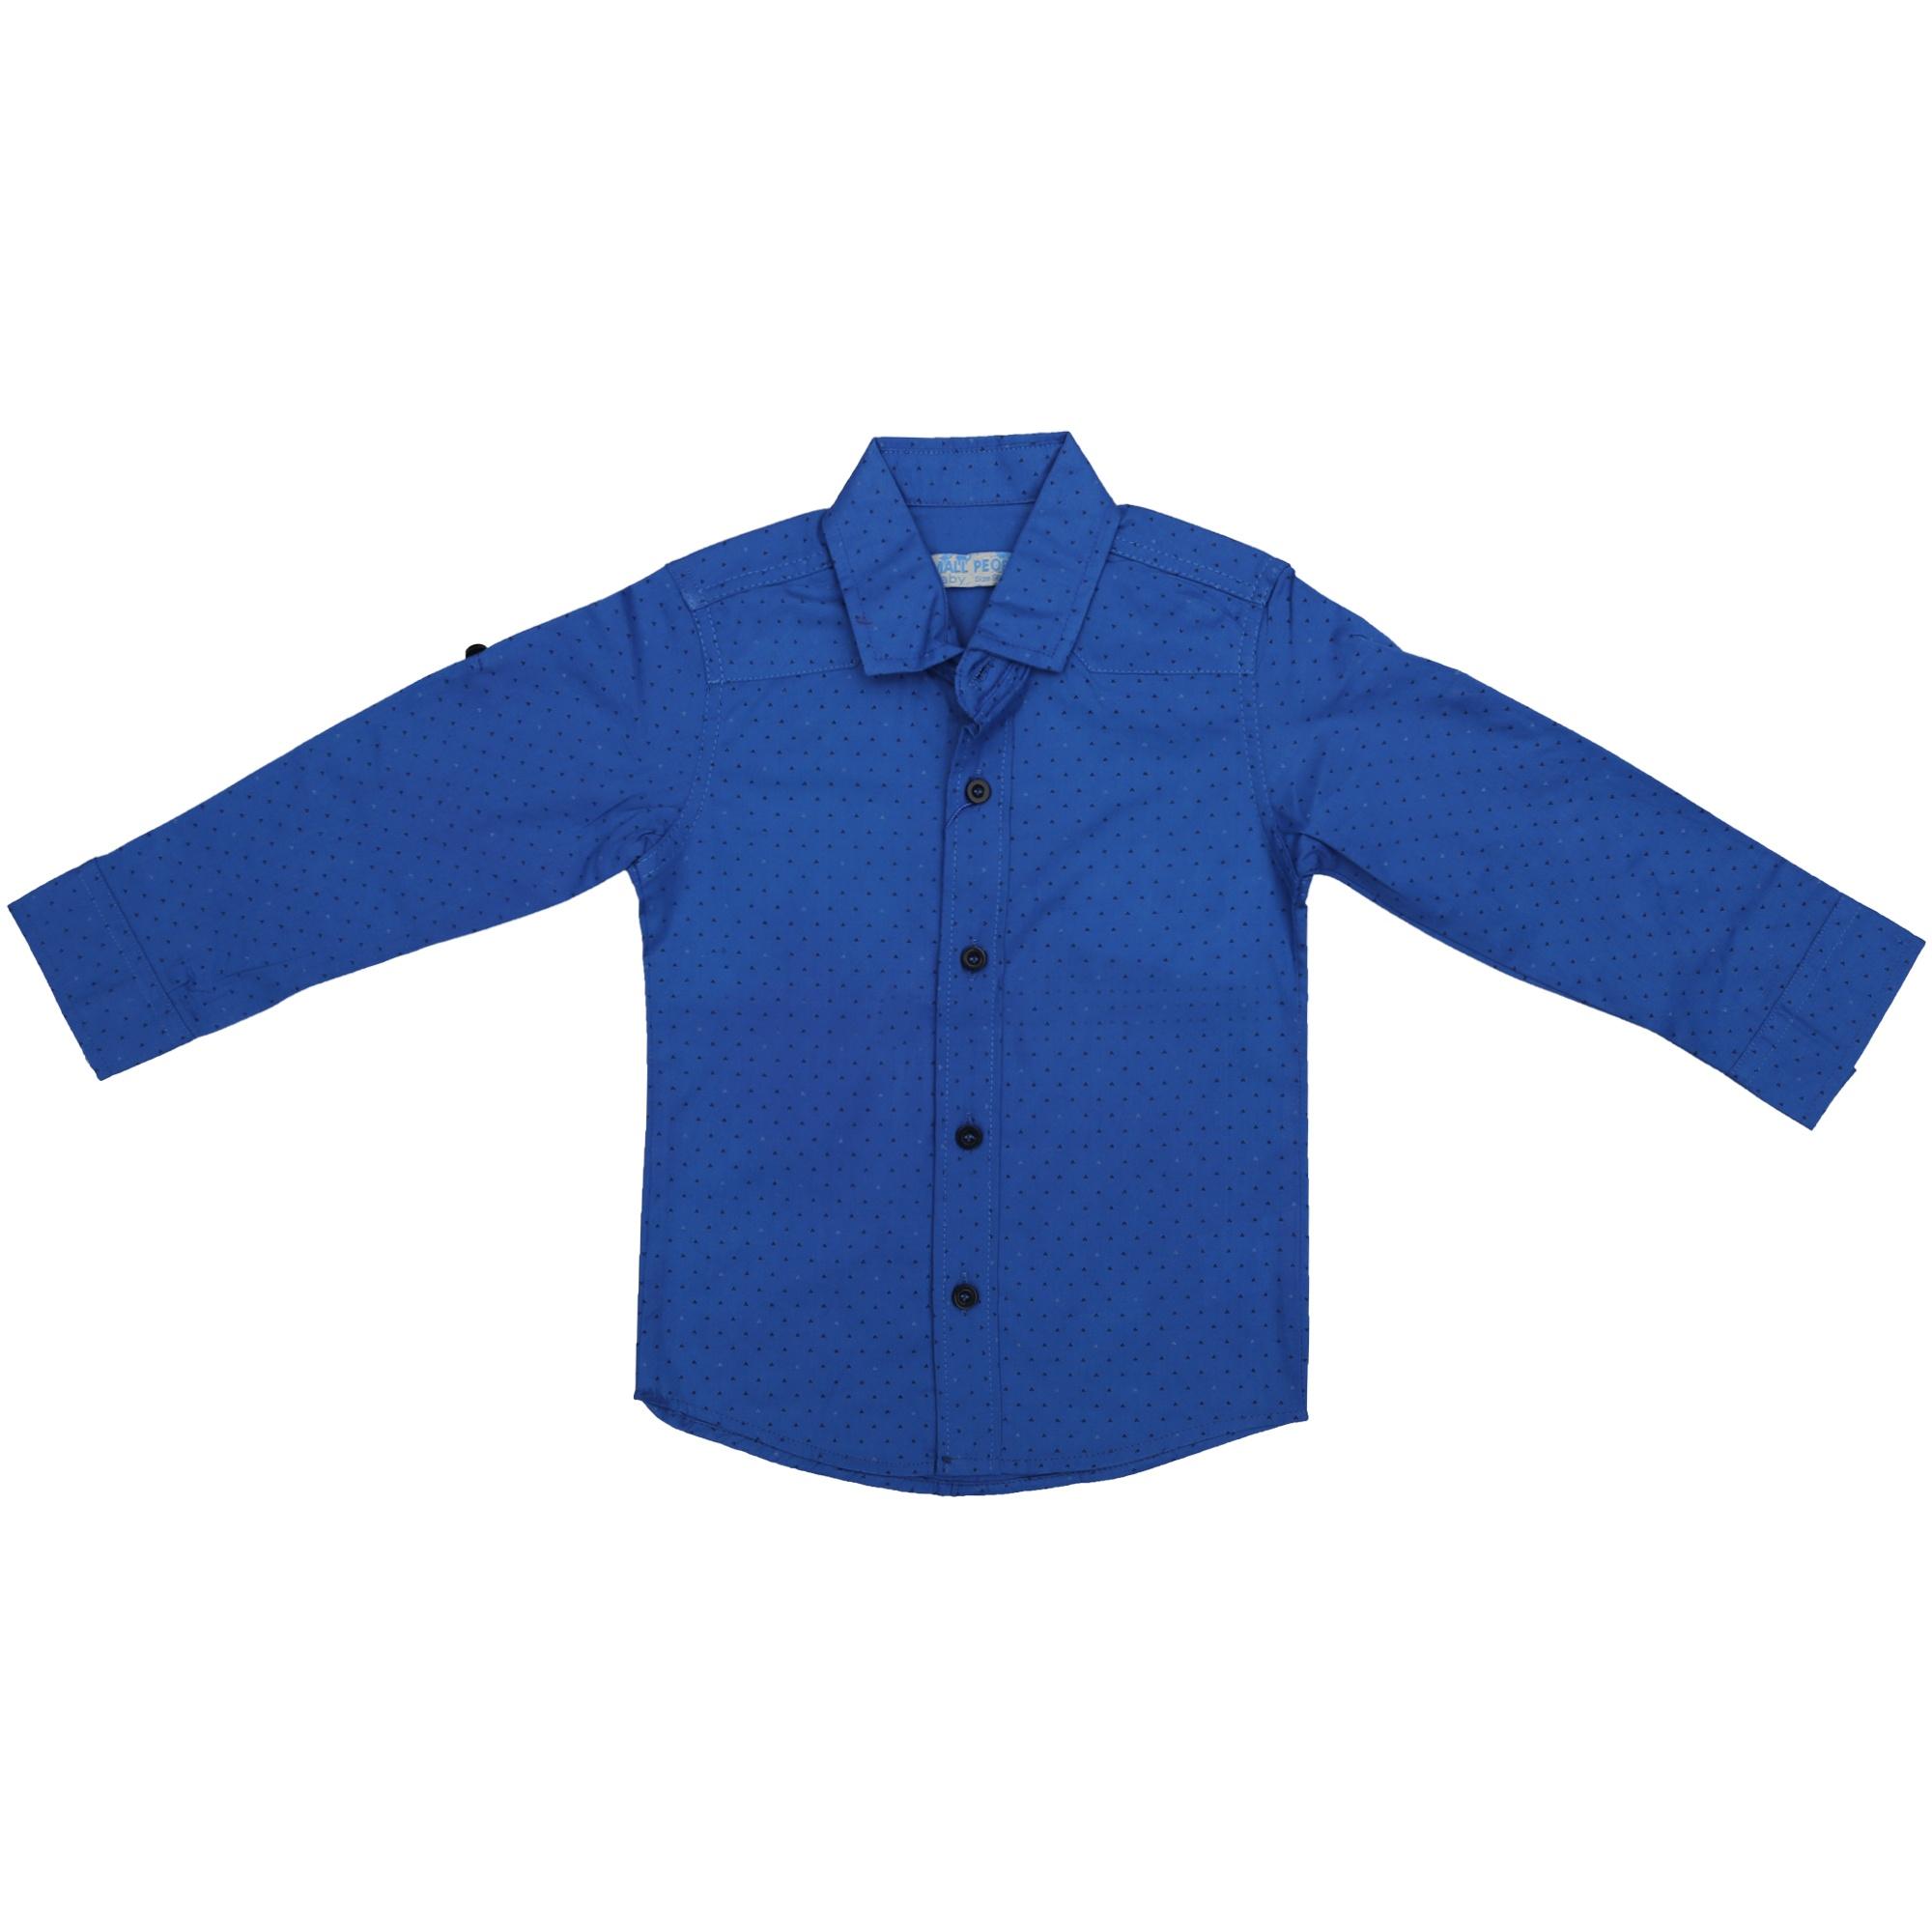 پیراهن پسرانه اسمال پیپل کد M-308